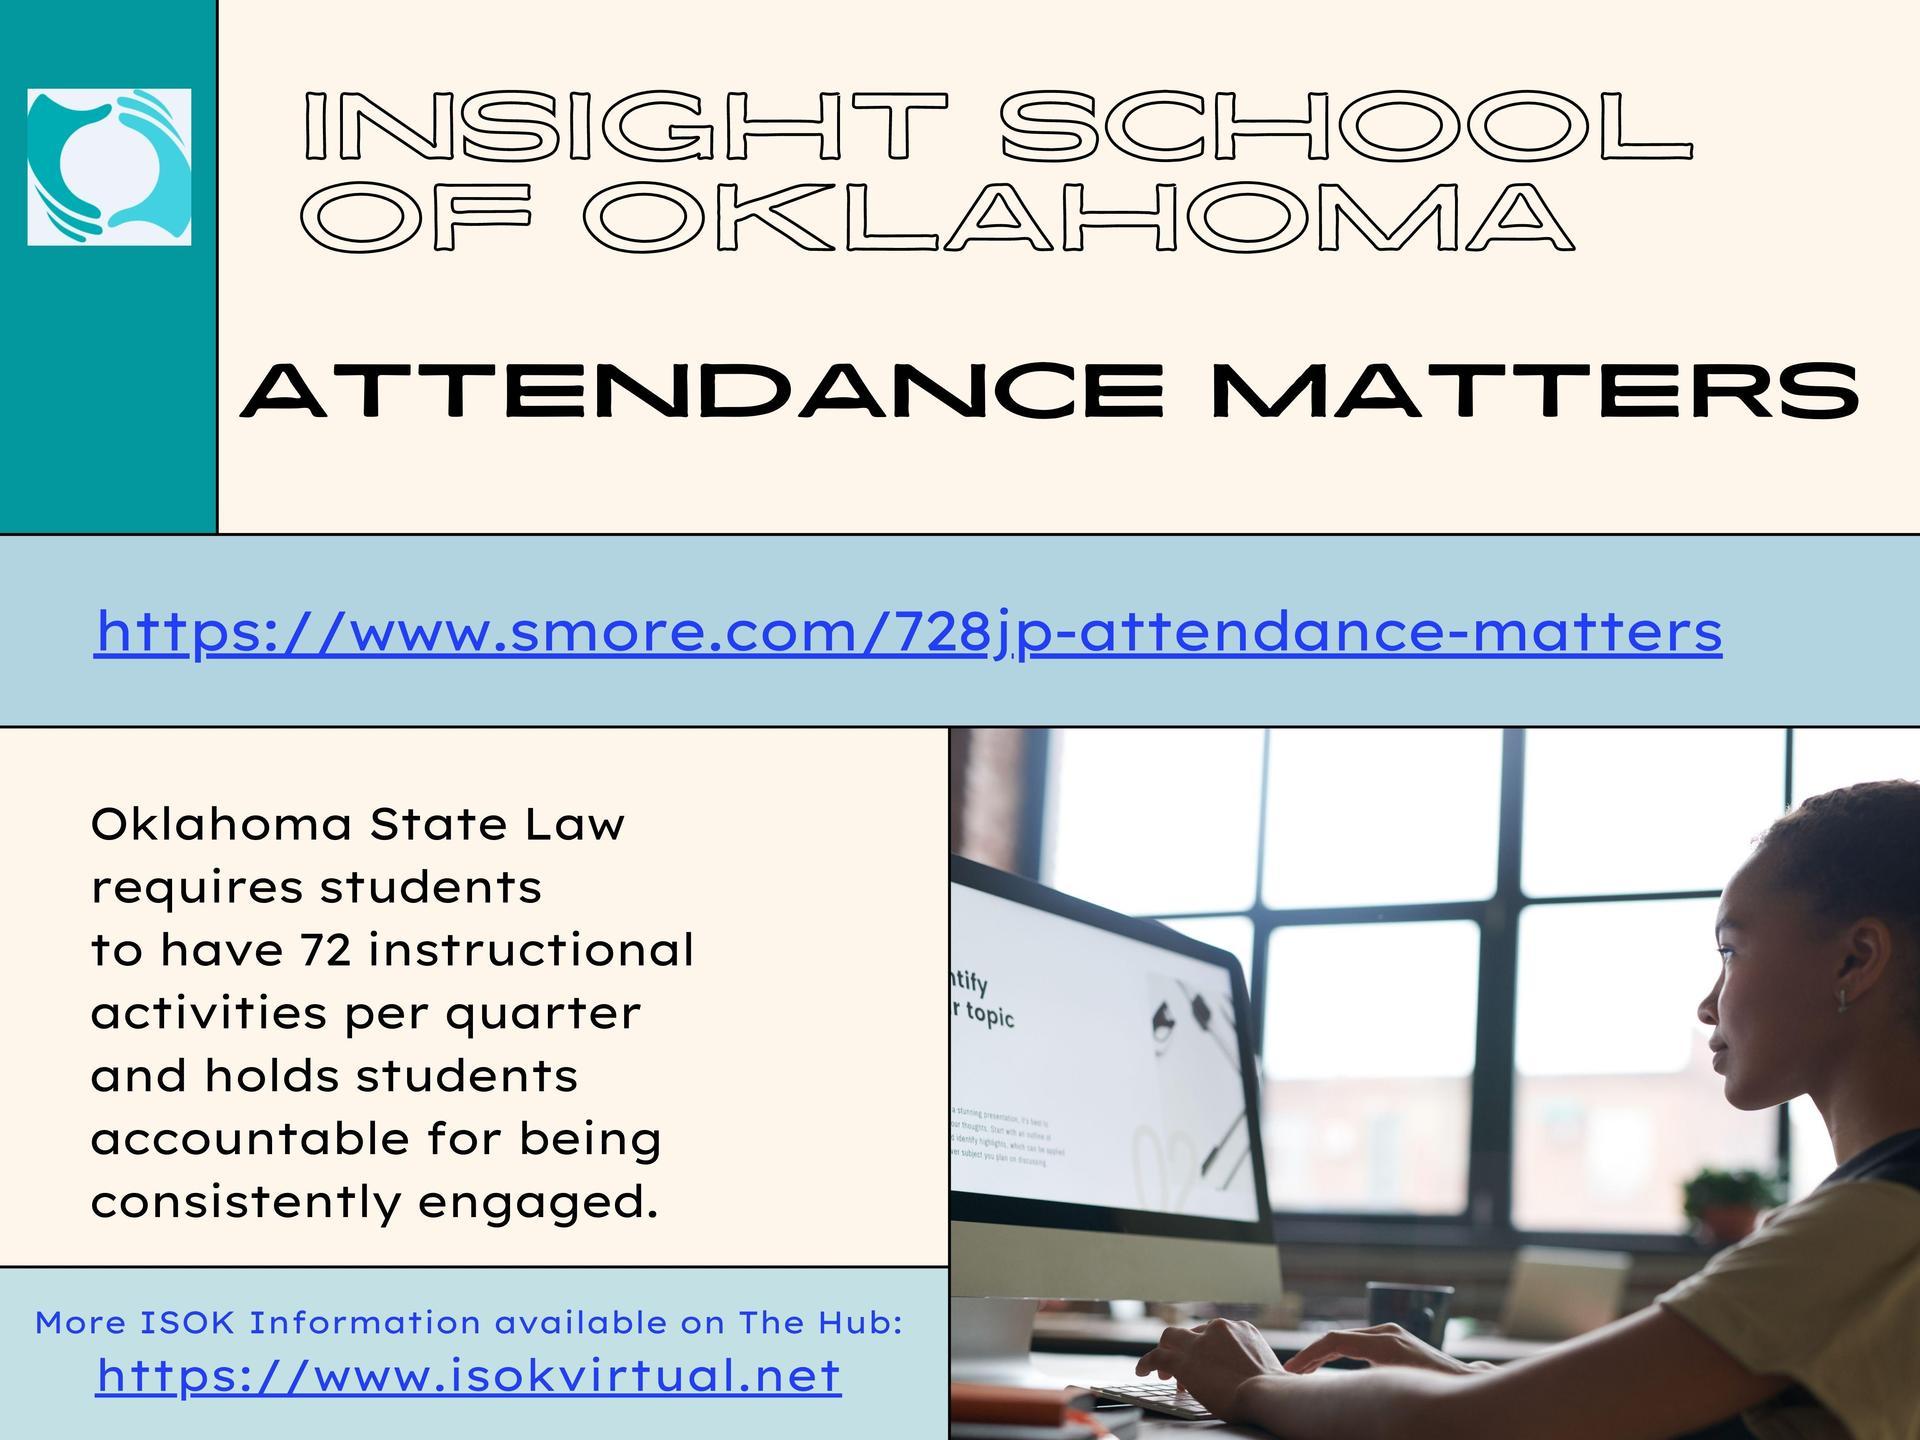 Image: Attendance Matters